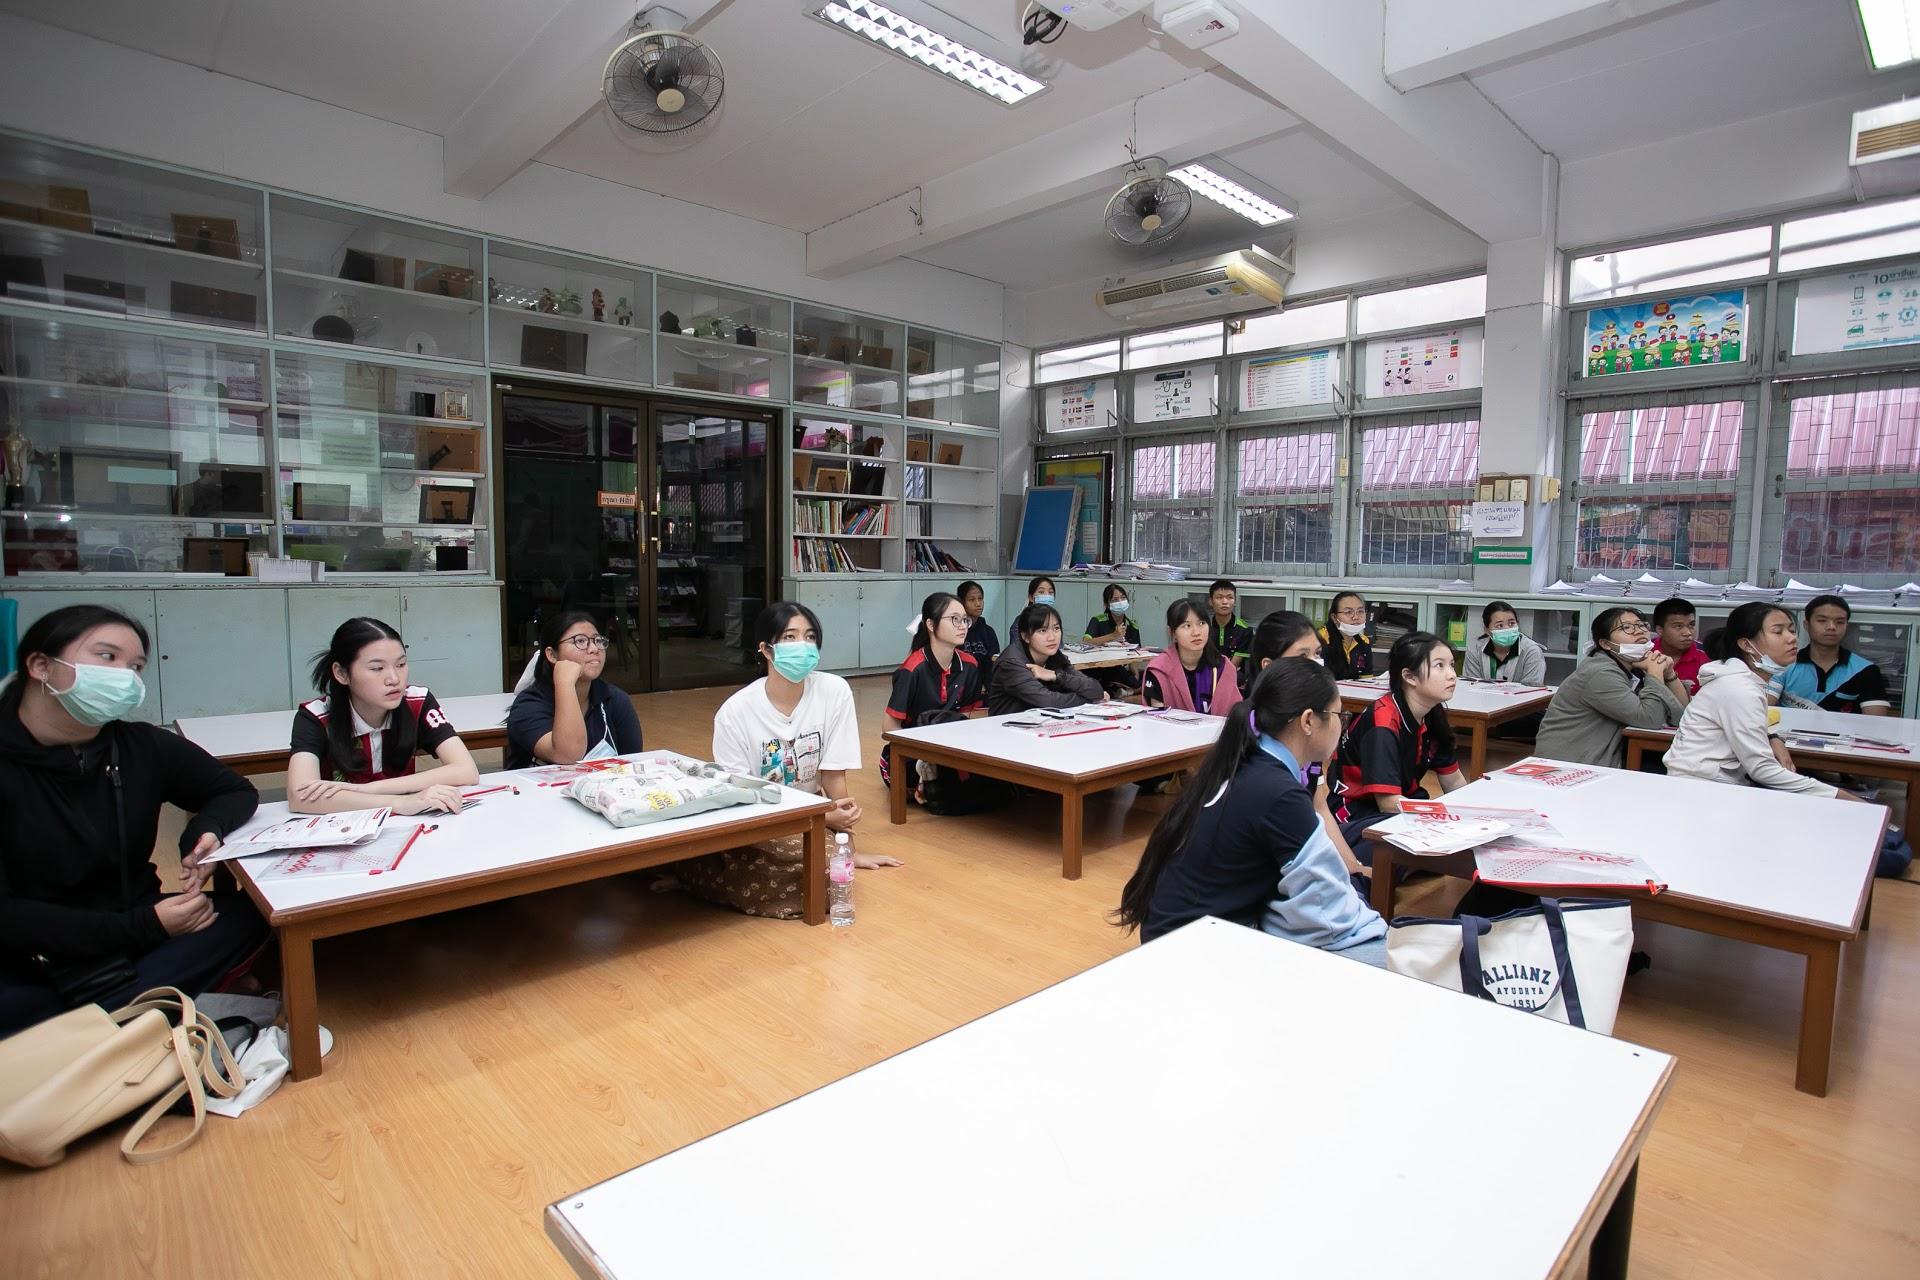 โครงการประชาสัมพันธ์ส่งเสริมภาพลักษณ์มหาวิทยาลัยเชิงรุก เส้นทางที่ 2 โรงเรียนยุพราชวิทยาลัย